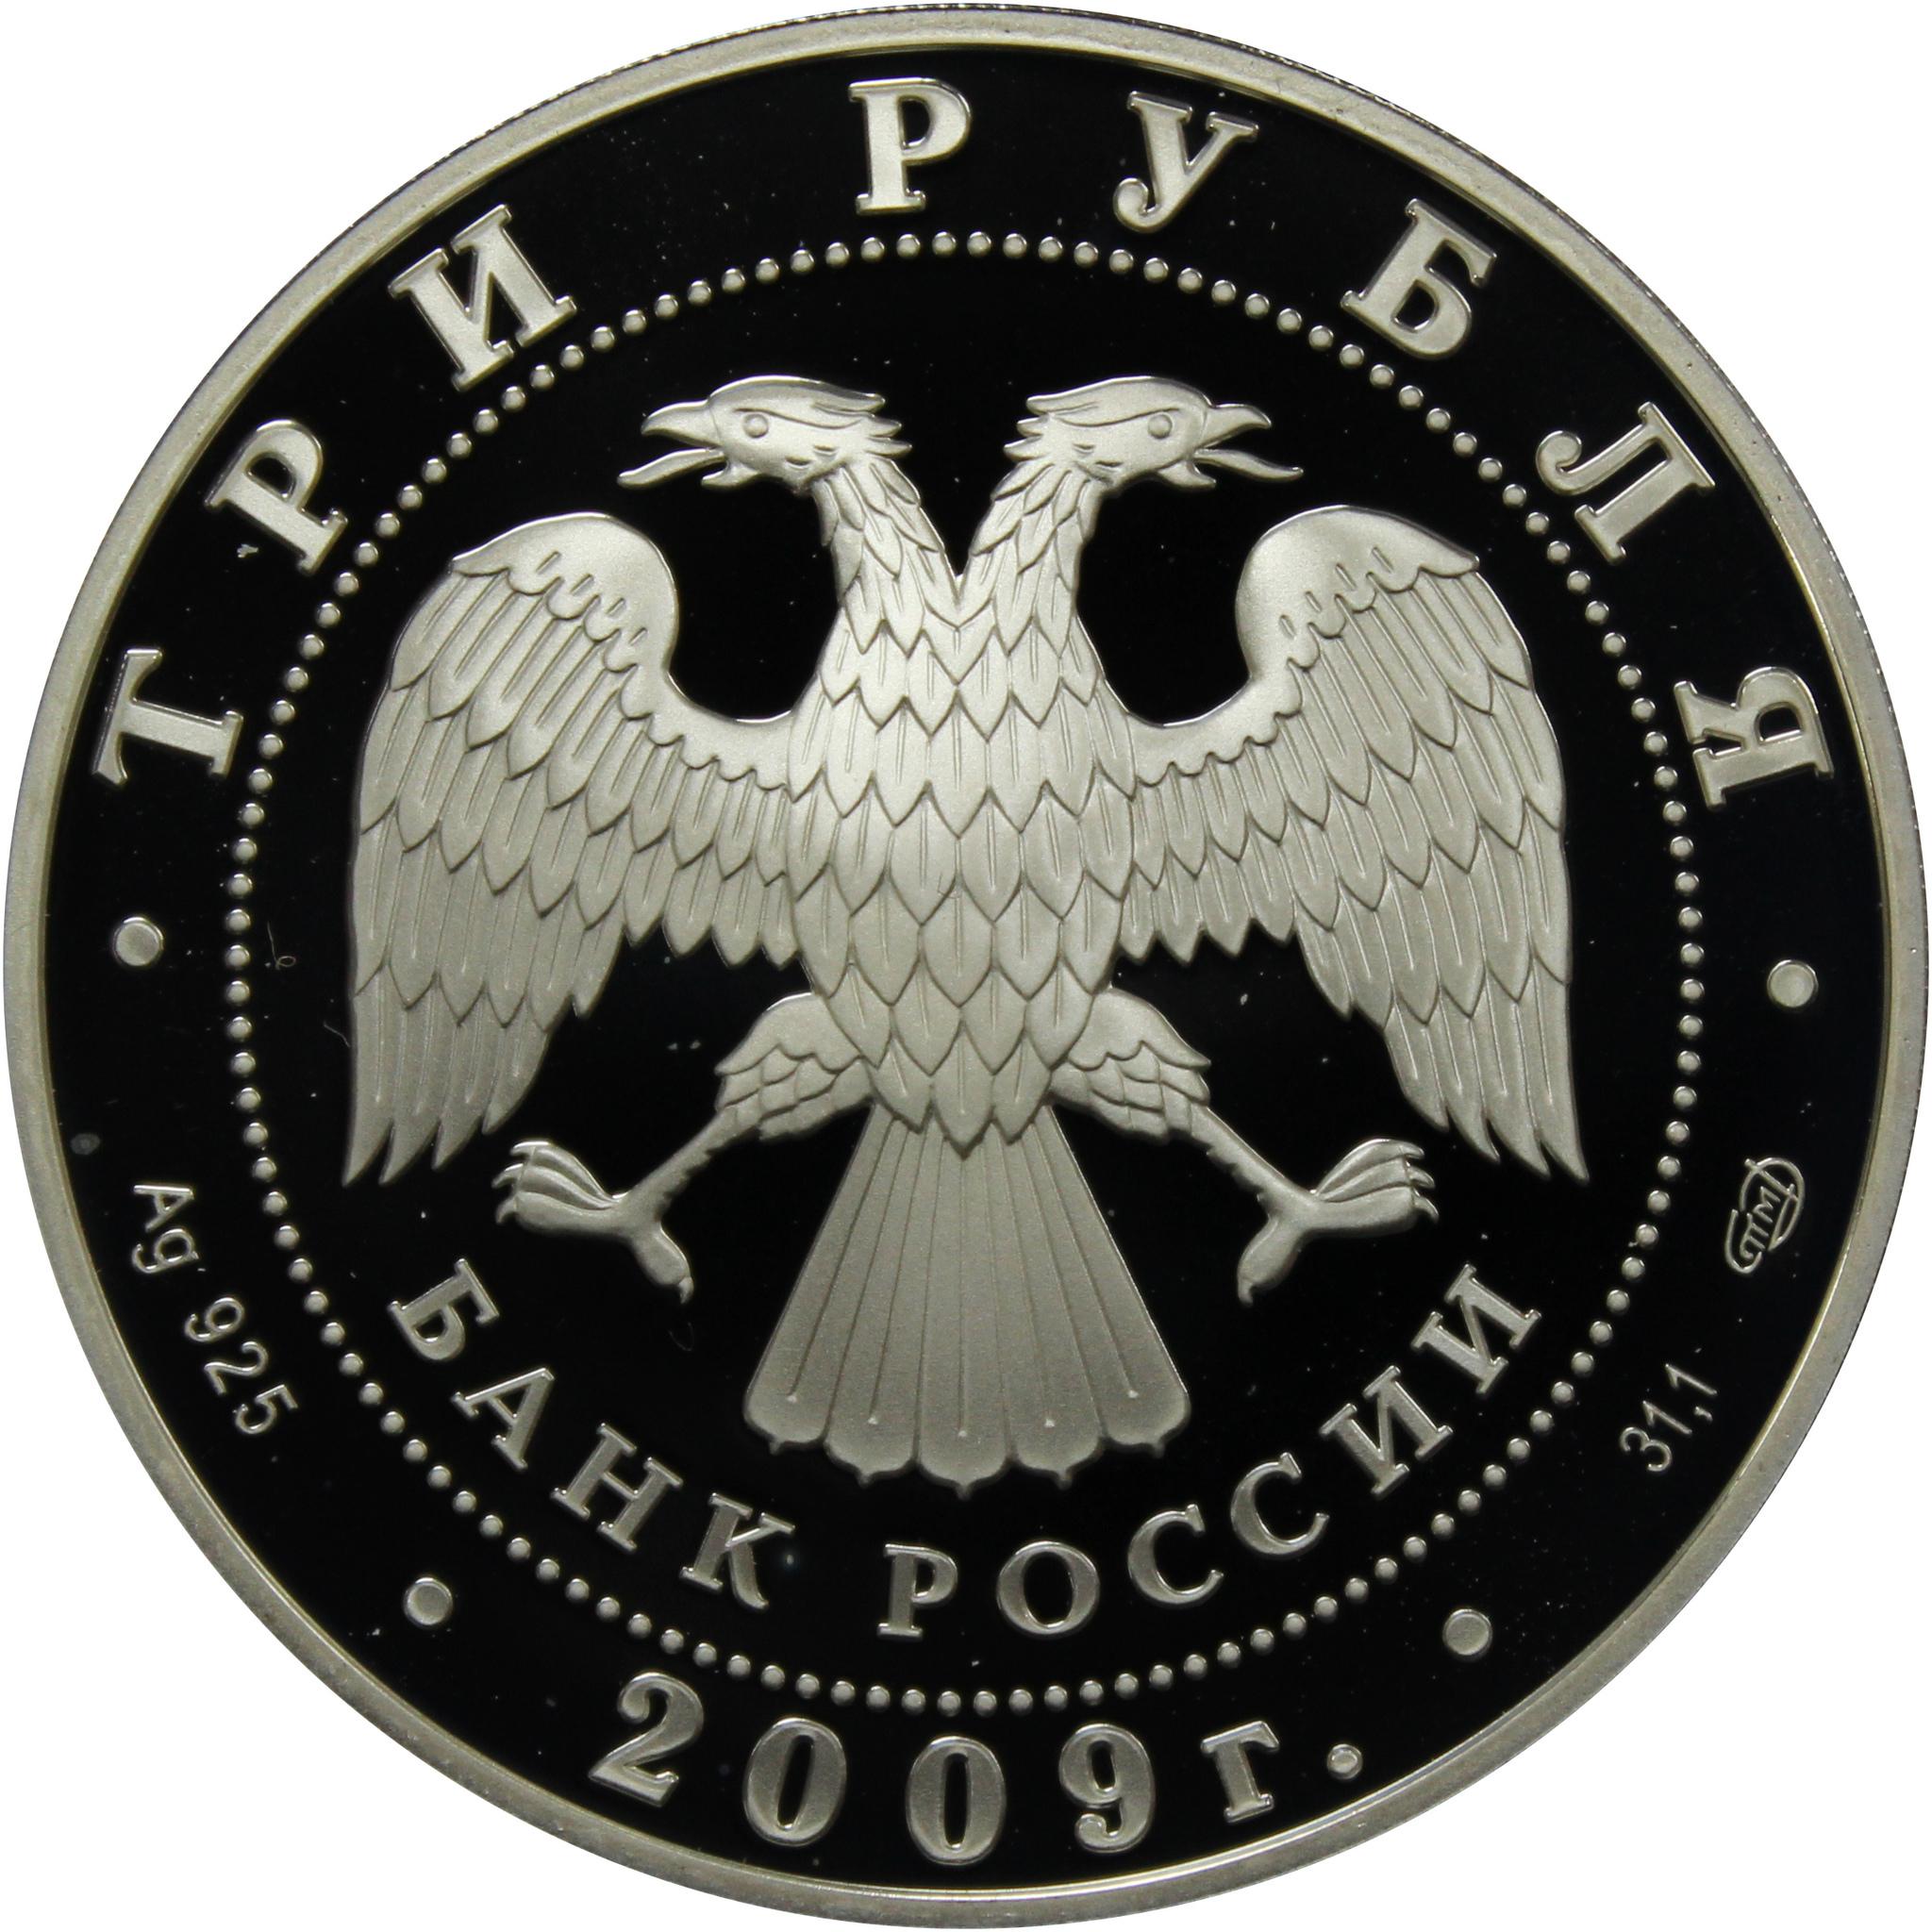 3 рубля. 200-летие со дня рождения Н.В. Гоголя. 2009 г. Proof